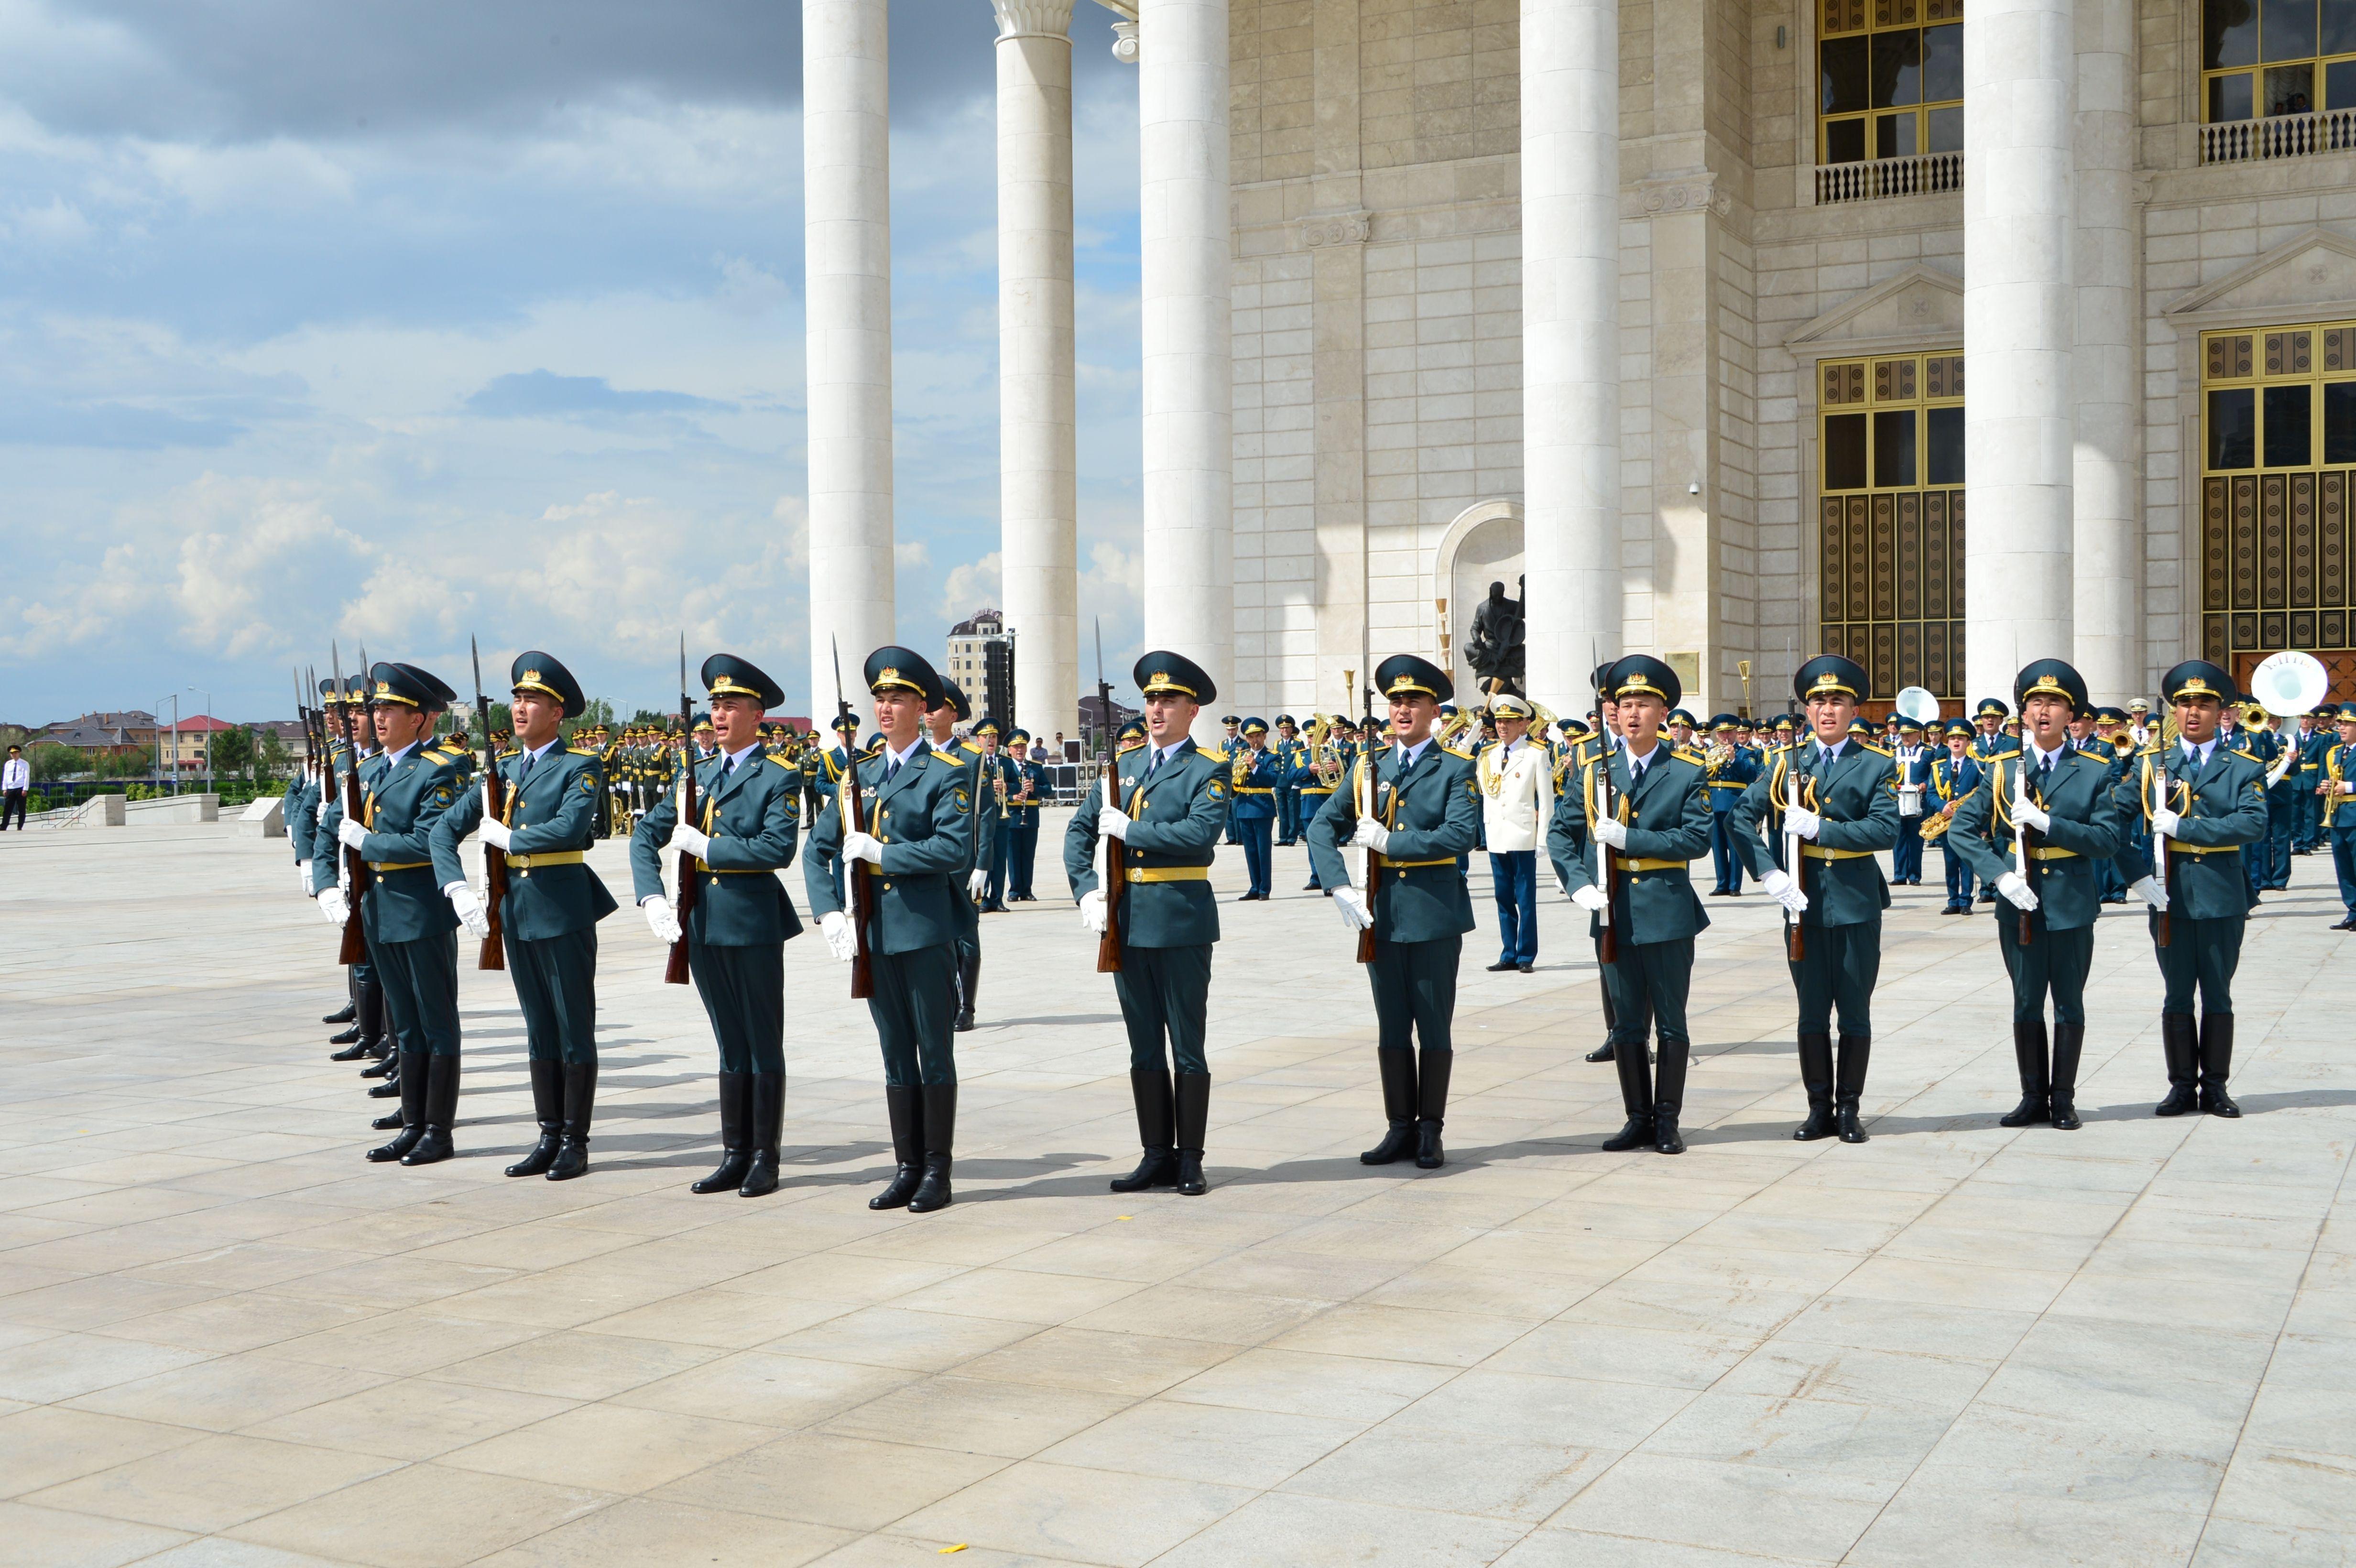 В министерстве обороны прокомментировали проведение фестиваля военных оркестров - Kapital.kz